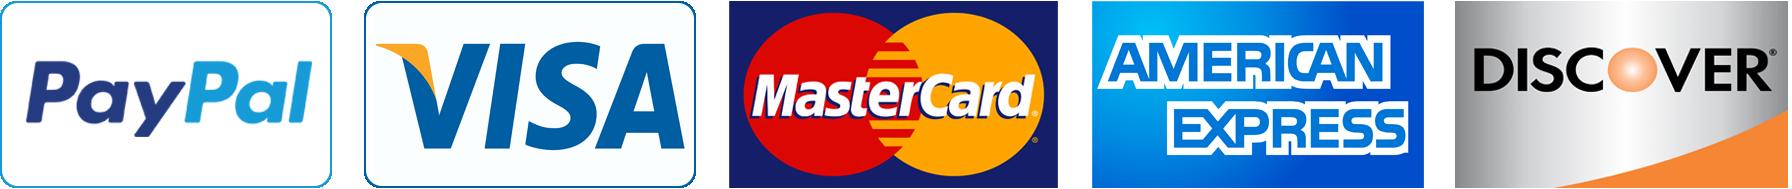 نقبل الدفع بواسطة باى بال - Paypal secure payments